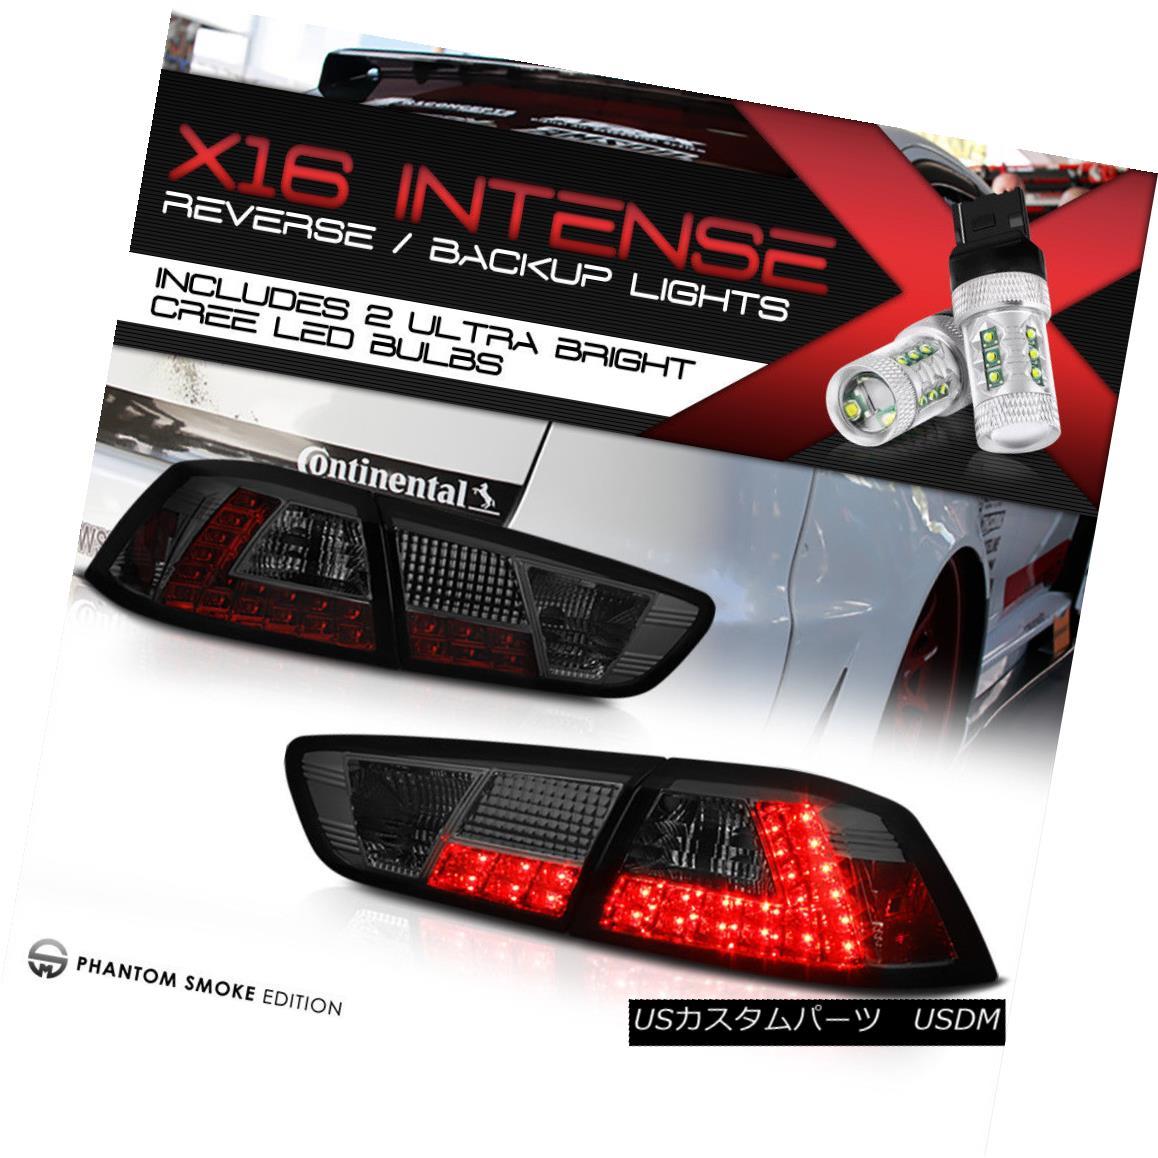 テールライト [CREE LED BACKUP] 08-17 Lancer Evolution EVO X GSR MR 4B11 Smoke LED Tail Lights [CREE LED BACKUP] 08-17ランサーエボリューションEVO X GSR MR 4B11スモークLEDテールライト